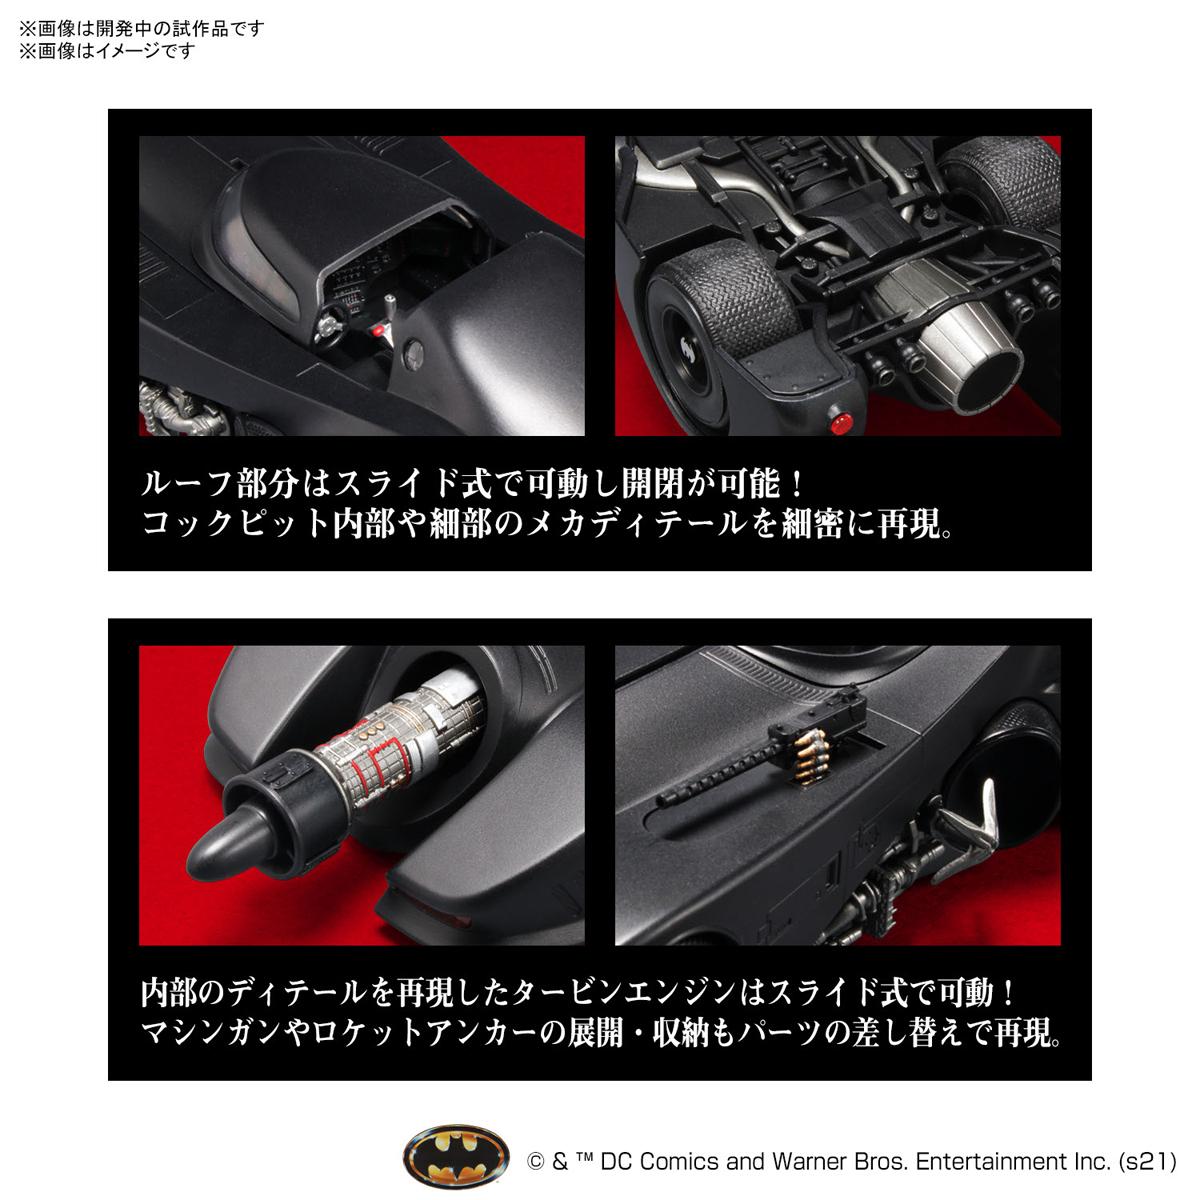 1/35 SCALE『バットモービル(バットマン ビギンズVer.)』プラモデル-006